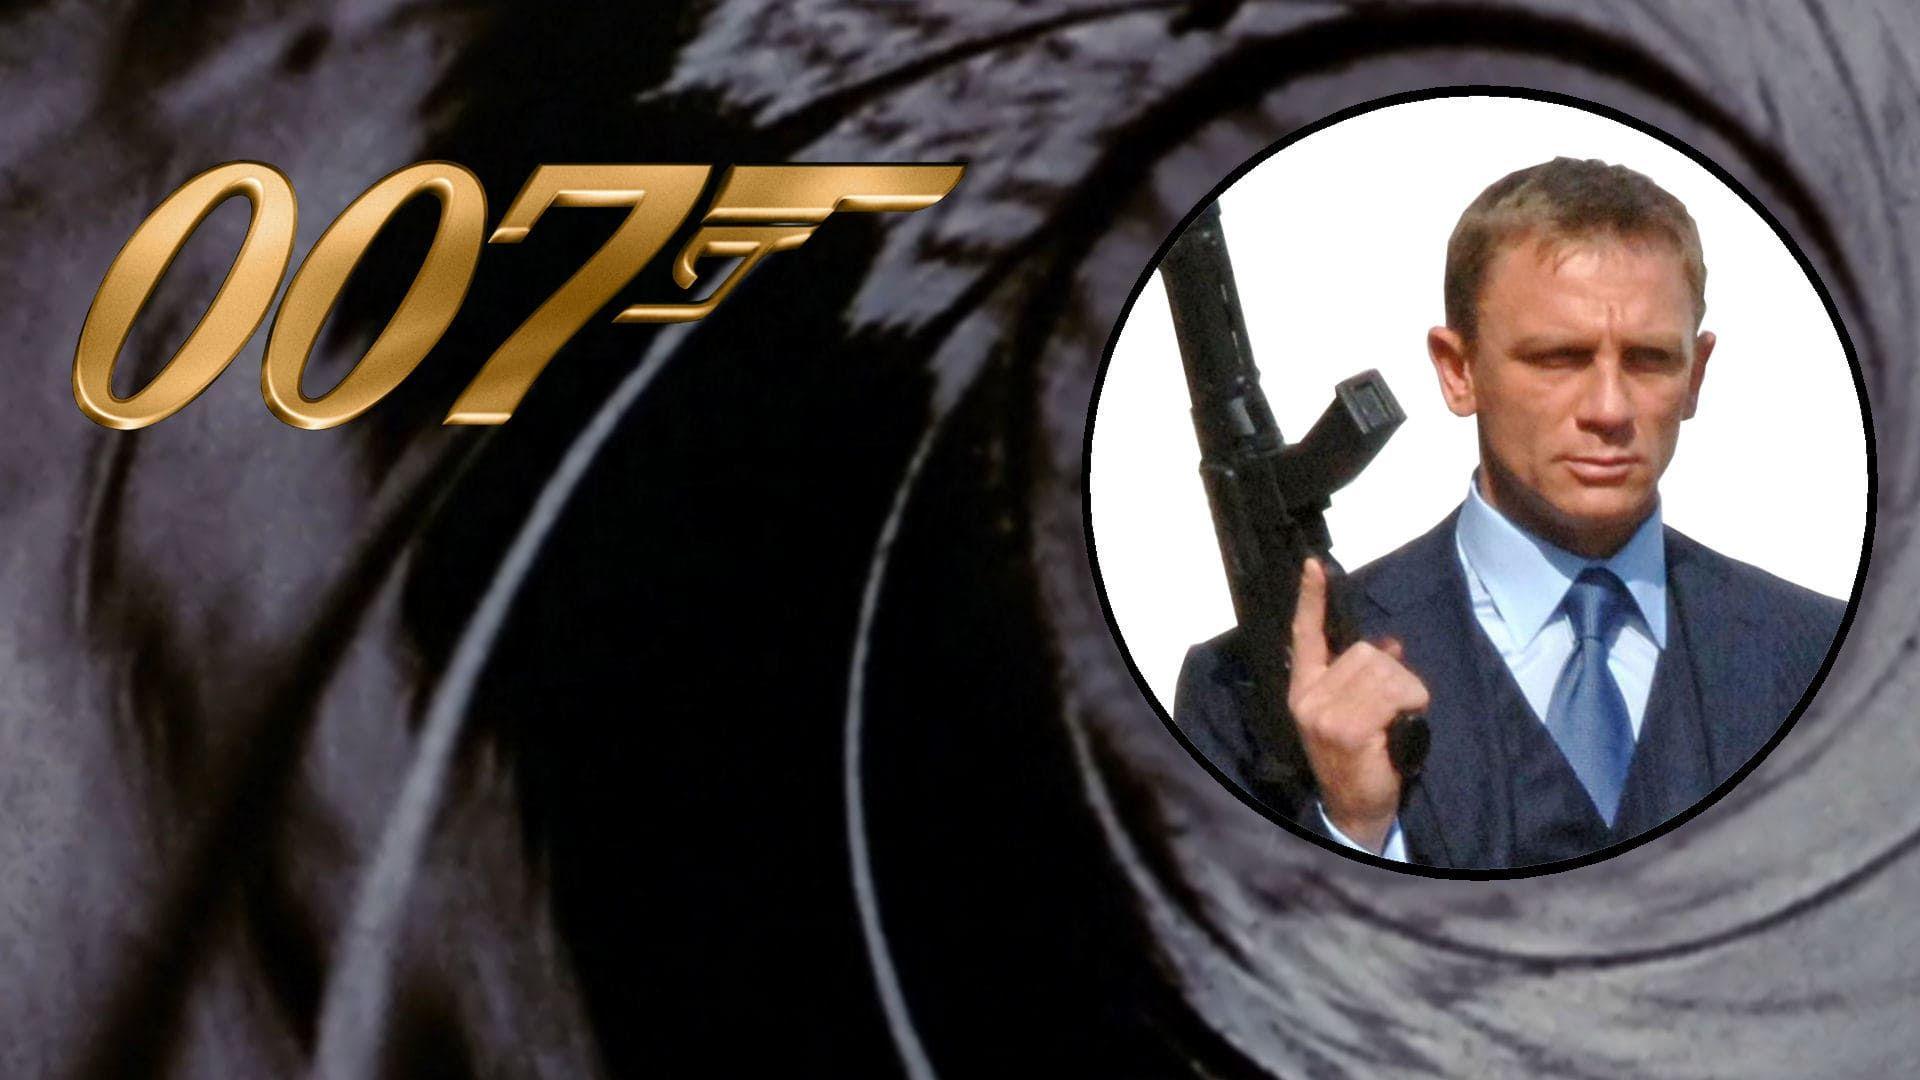 James Bond 007 Casino Royale 2006 Ganzer Film Stream Deutsch Komplett Online James Bond 007 Casino R Free Movies Online Hd Movies Online Movies Online